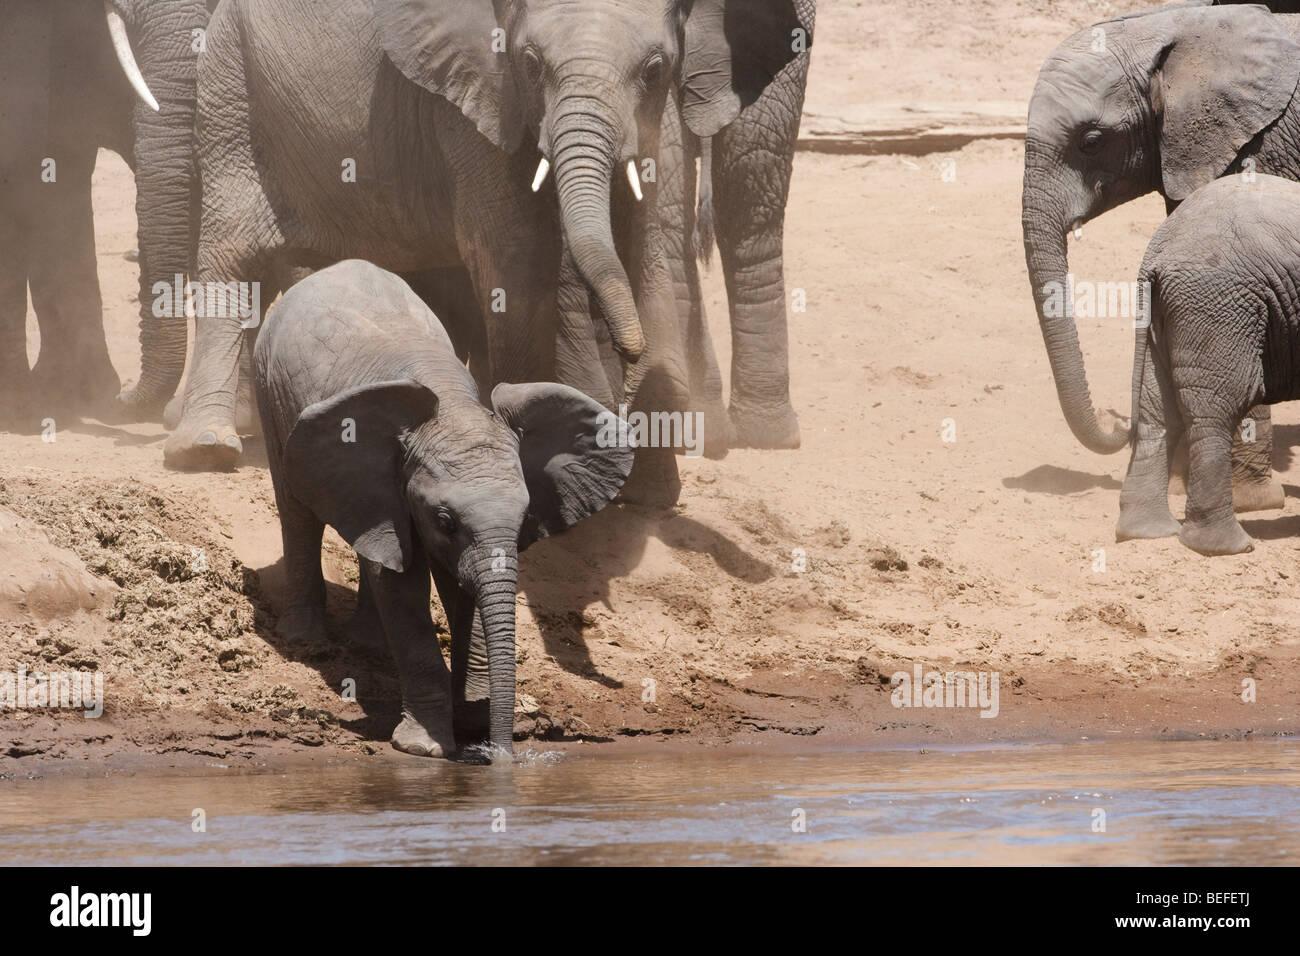 Funny lindo bebé orejas de elefante africano, el tronco en agua, deslizándose por la suciedad riverbank para tomar una copa, supervisado por la madre elefante Masai Mara, Kenya Foto de stock